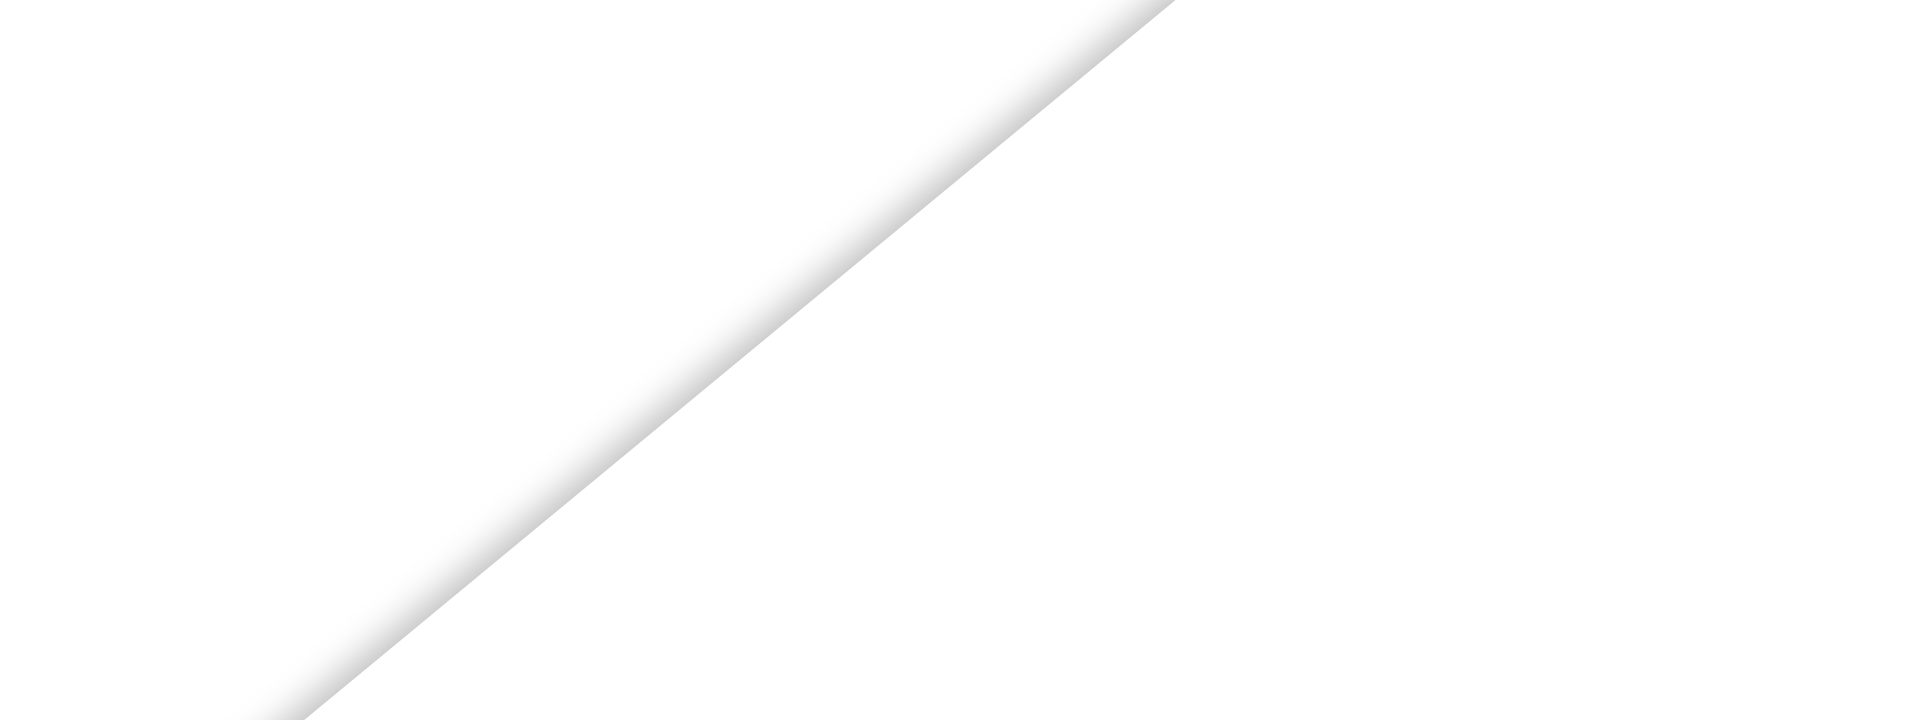 bg_white